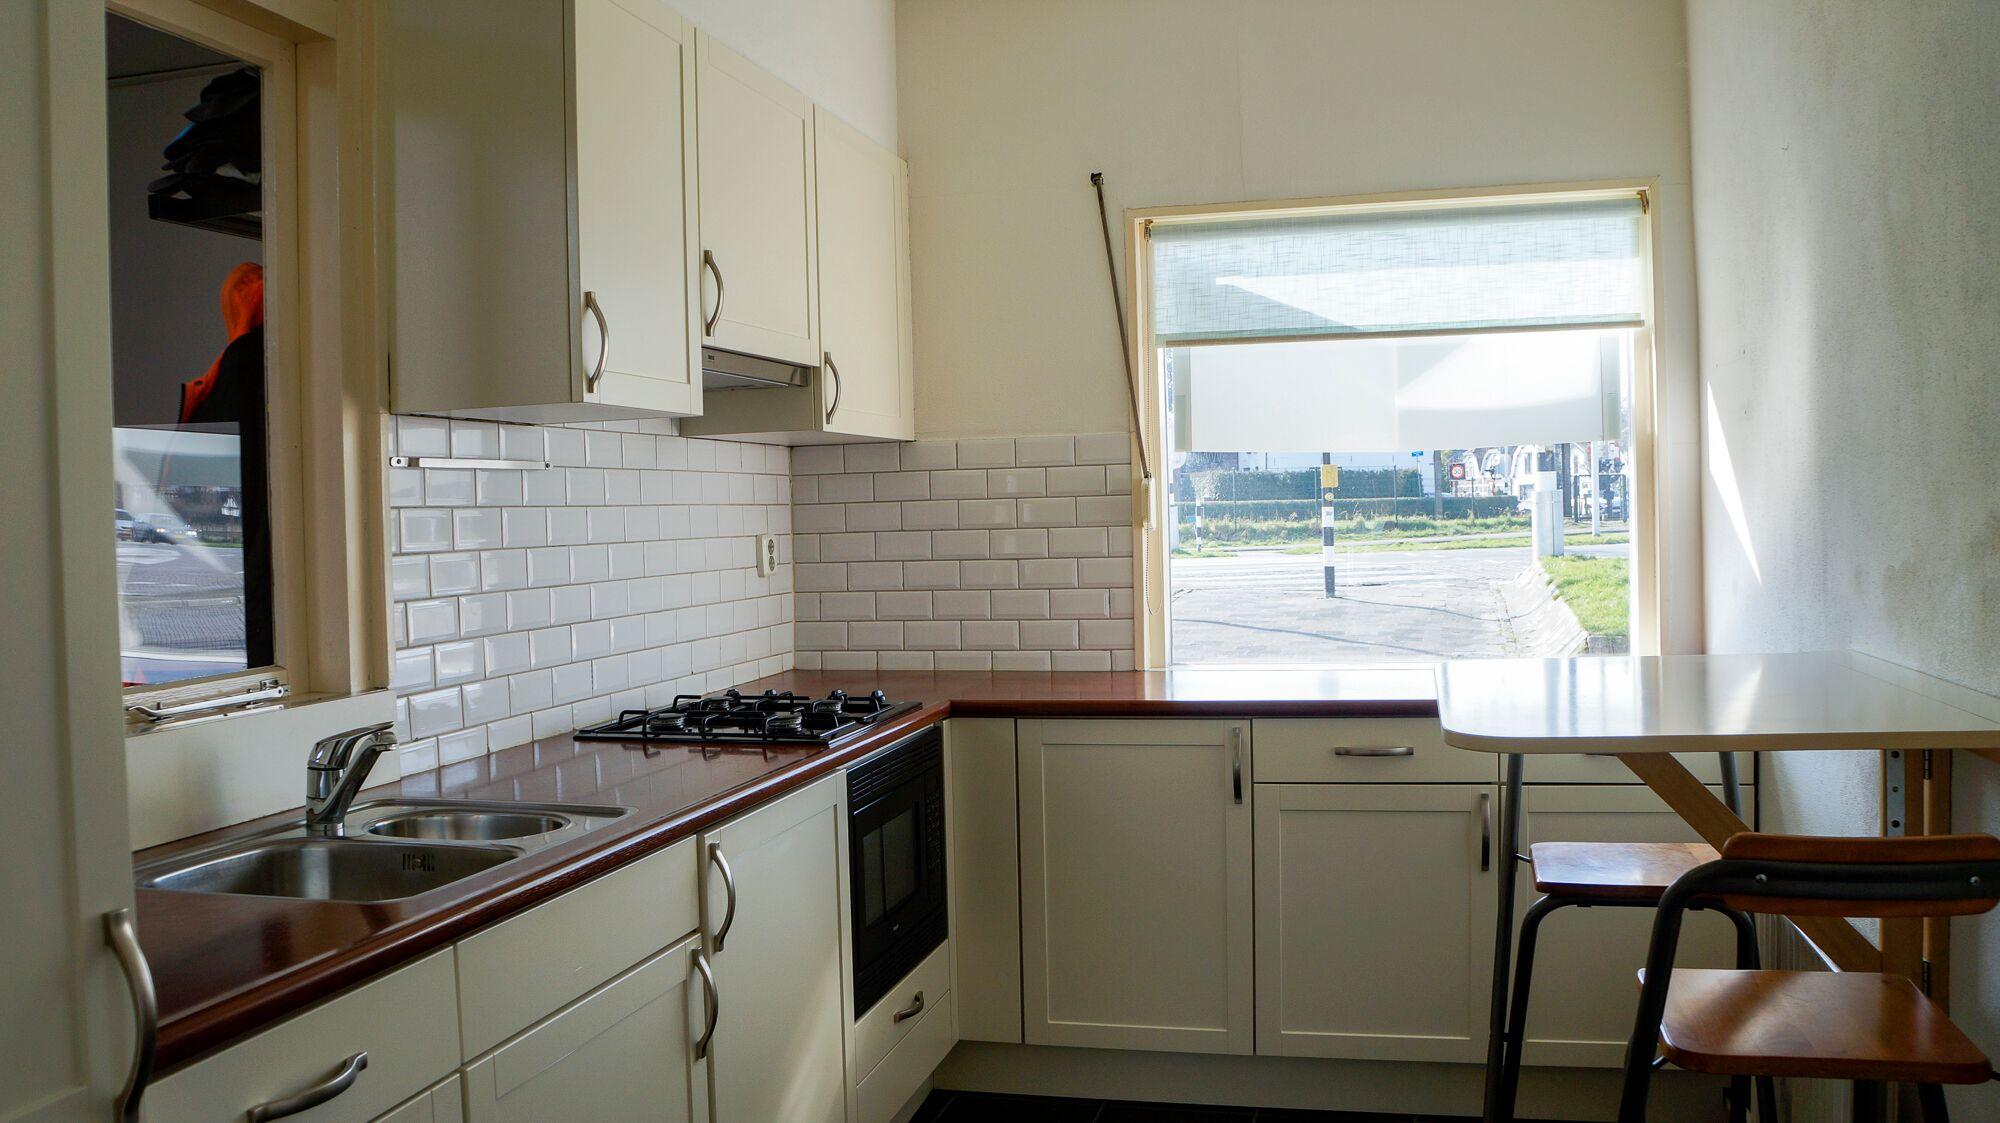 keuken lewestraat 67 kloetinge ISM makelaars